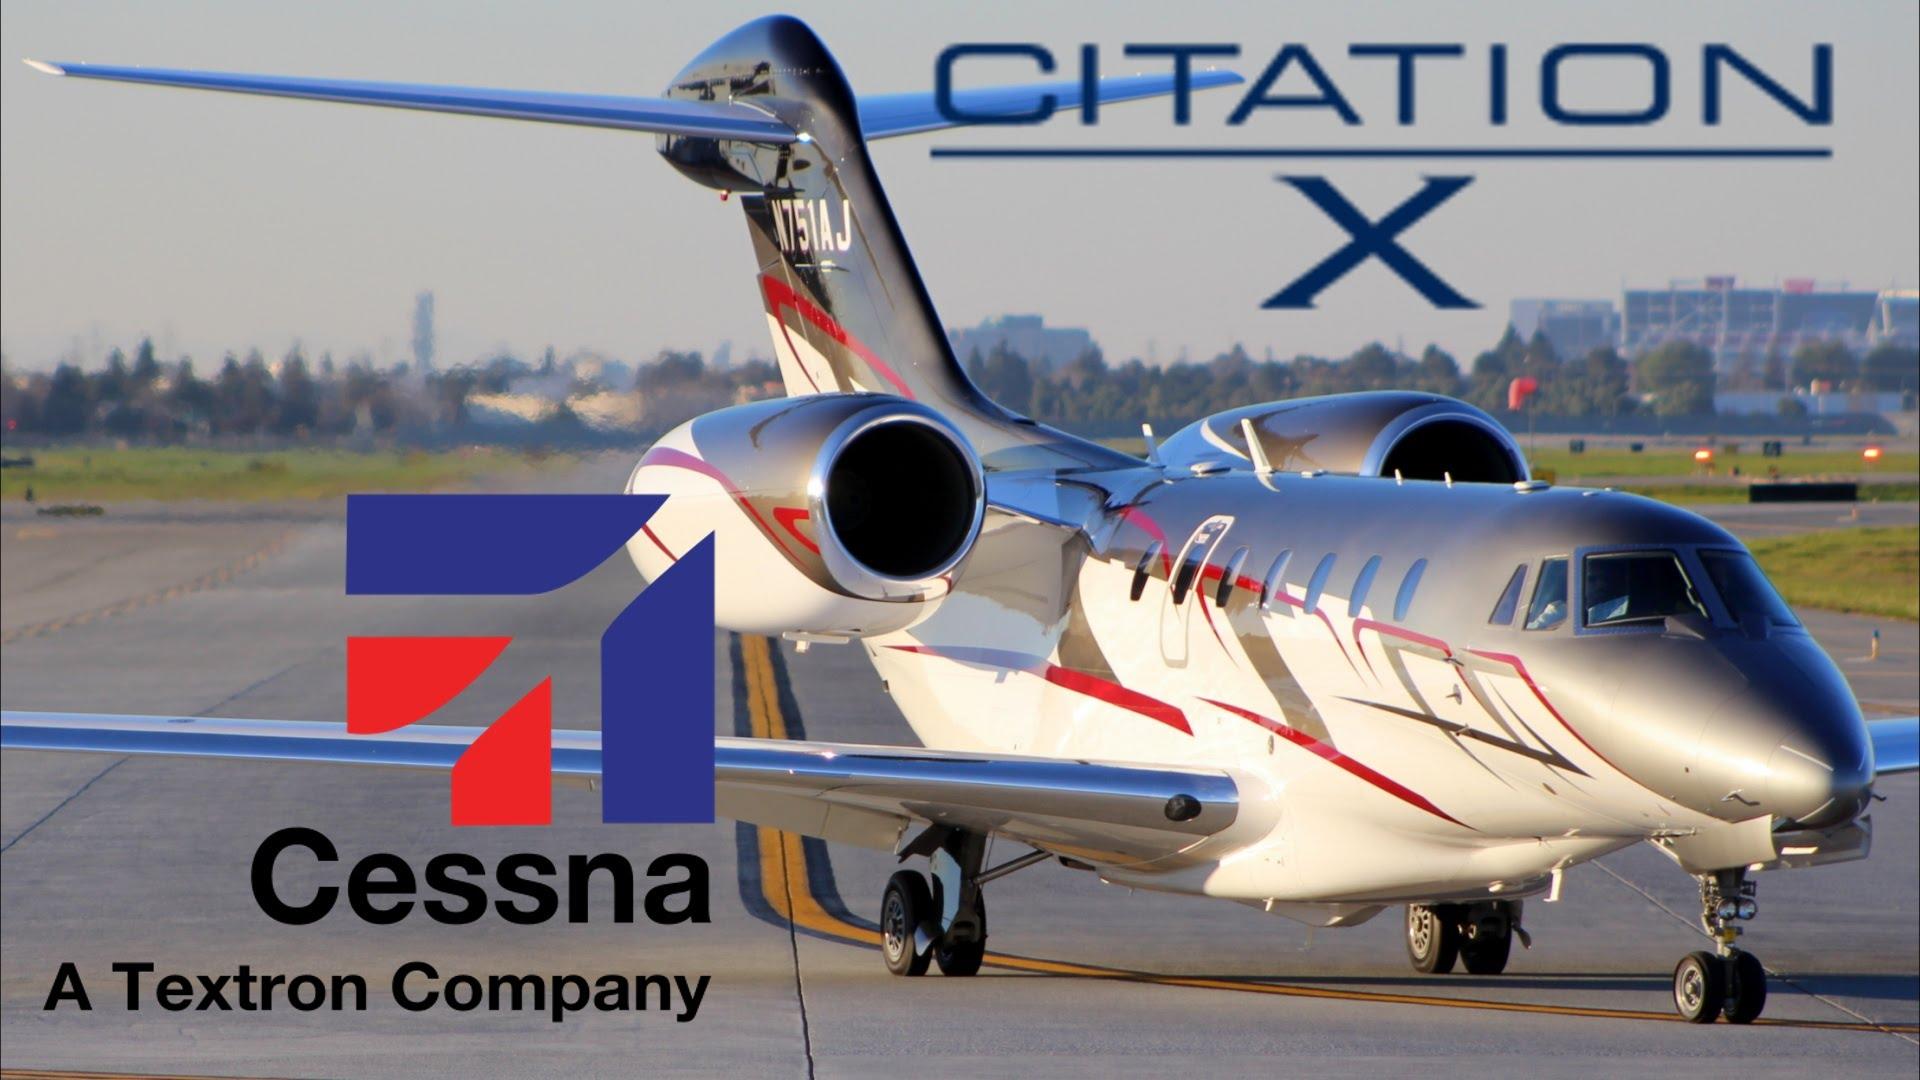 Cessna 750 Citation X Backgrounds, Compatible - PC, Mobile, Gadgets| 1920x1080 px